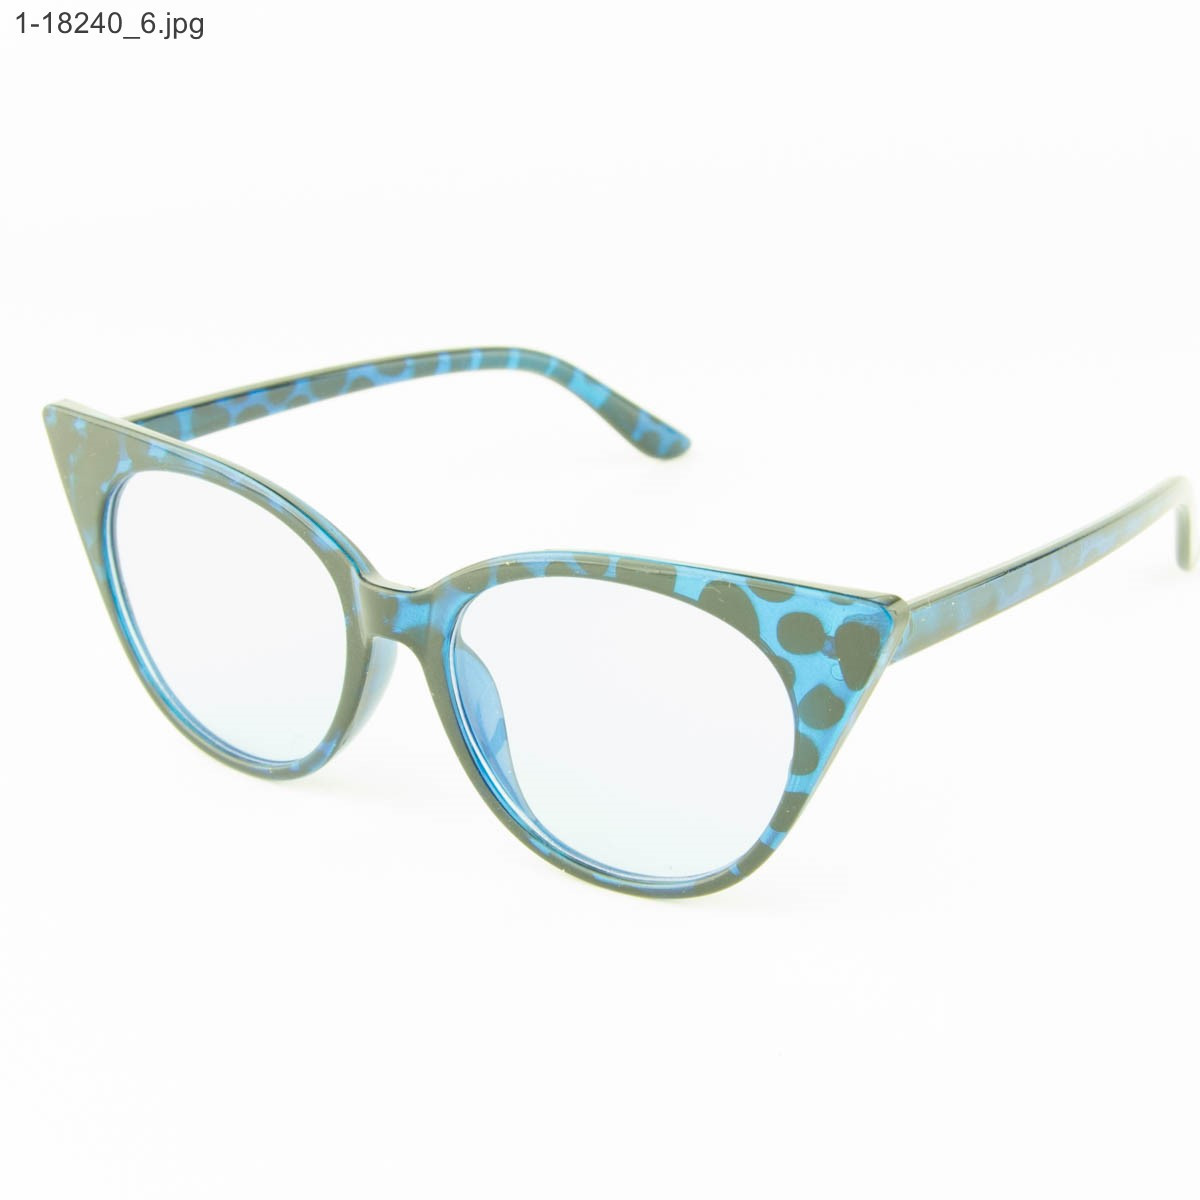 Оптом имиджевые женские очки кошачий глаз - Леопардовые - 1-18240